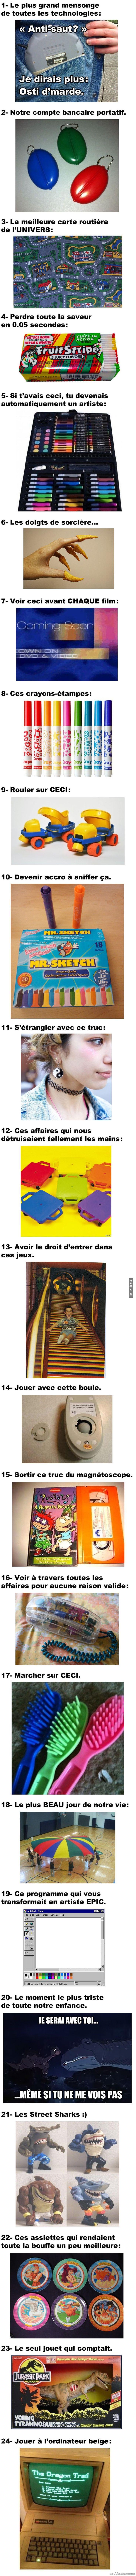 24 images qui ressemblent à votre enfance